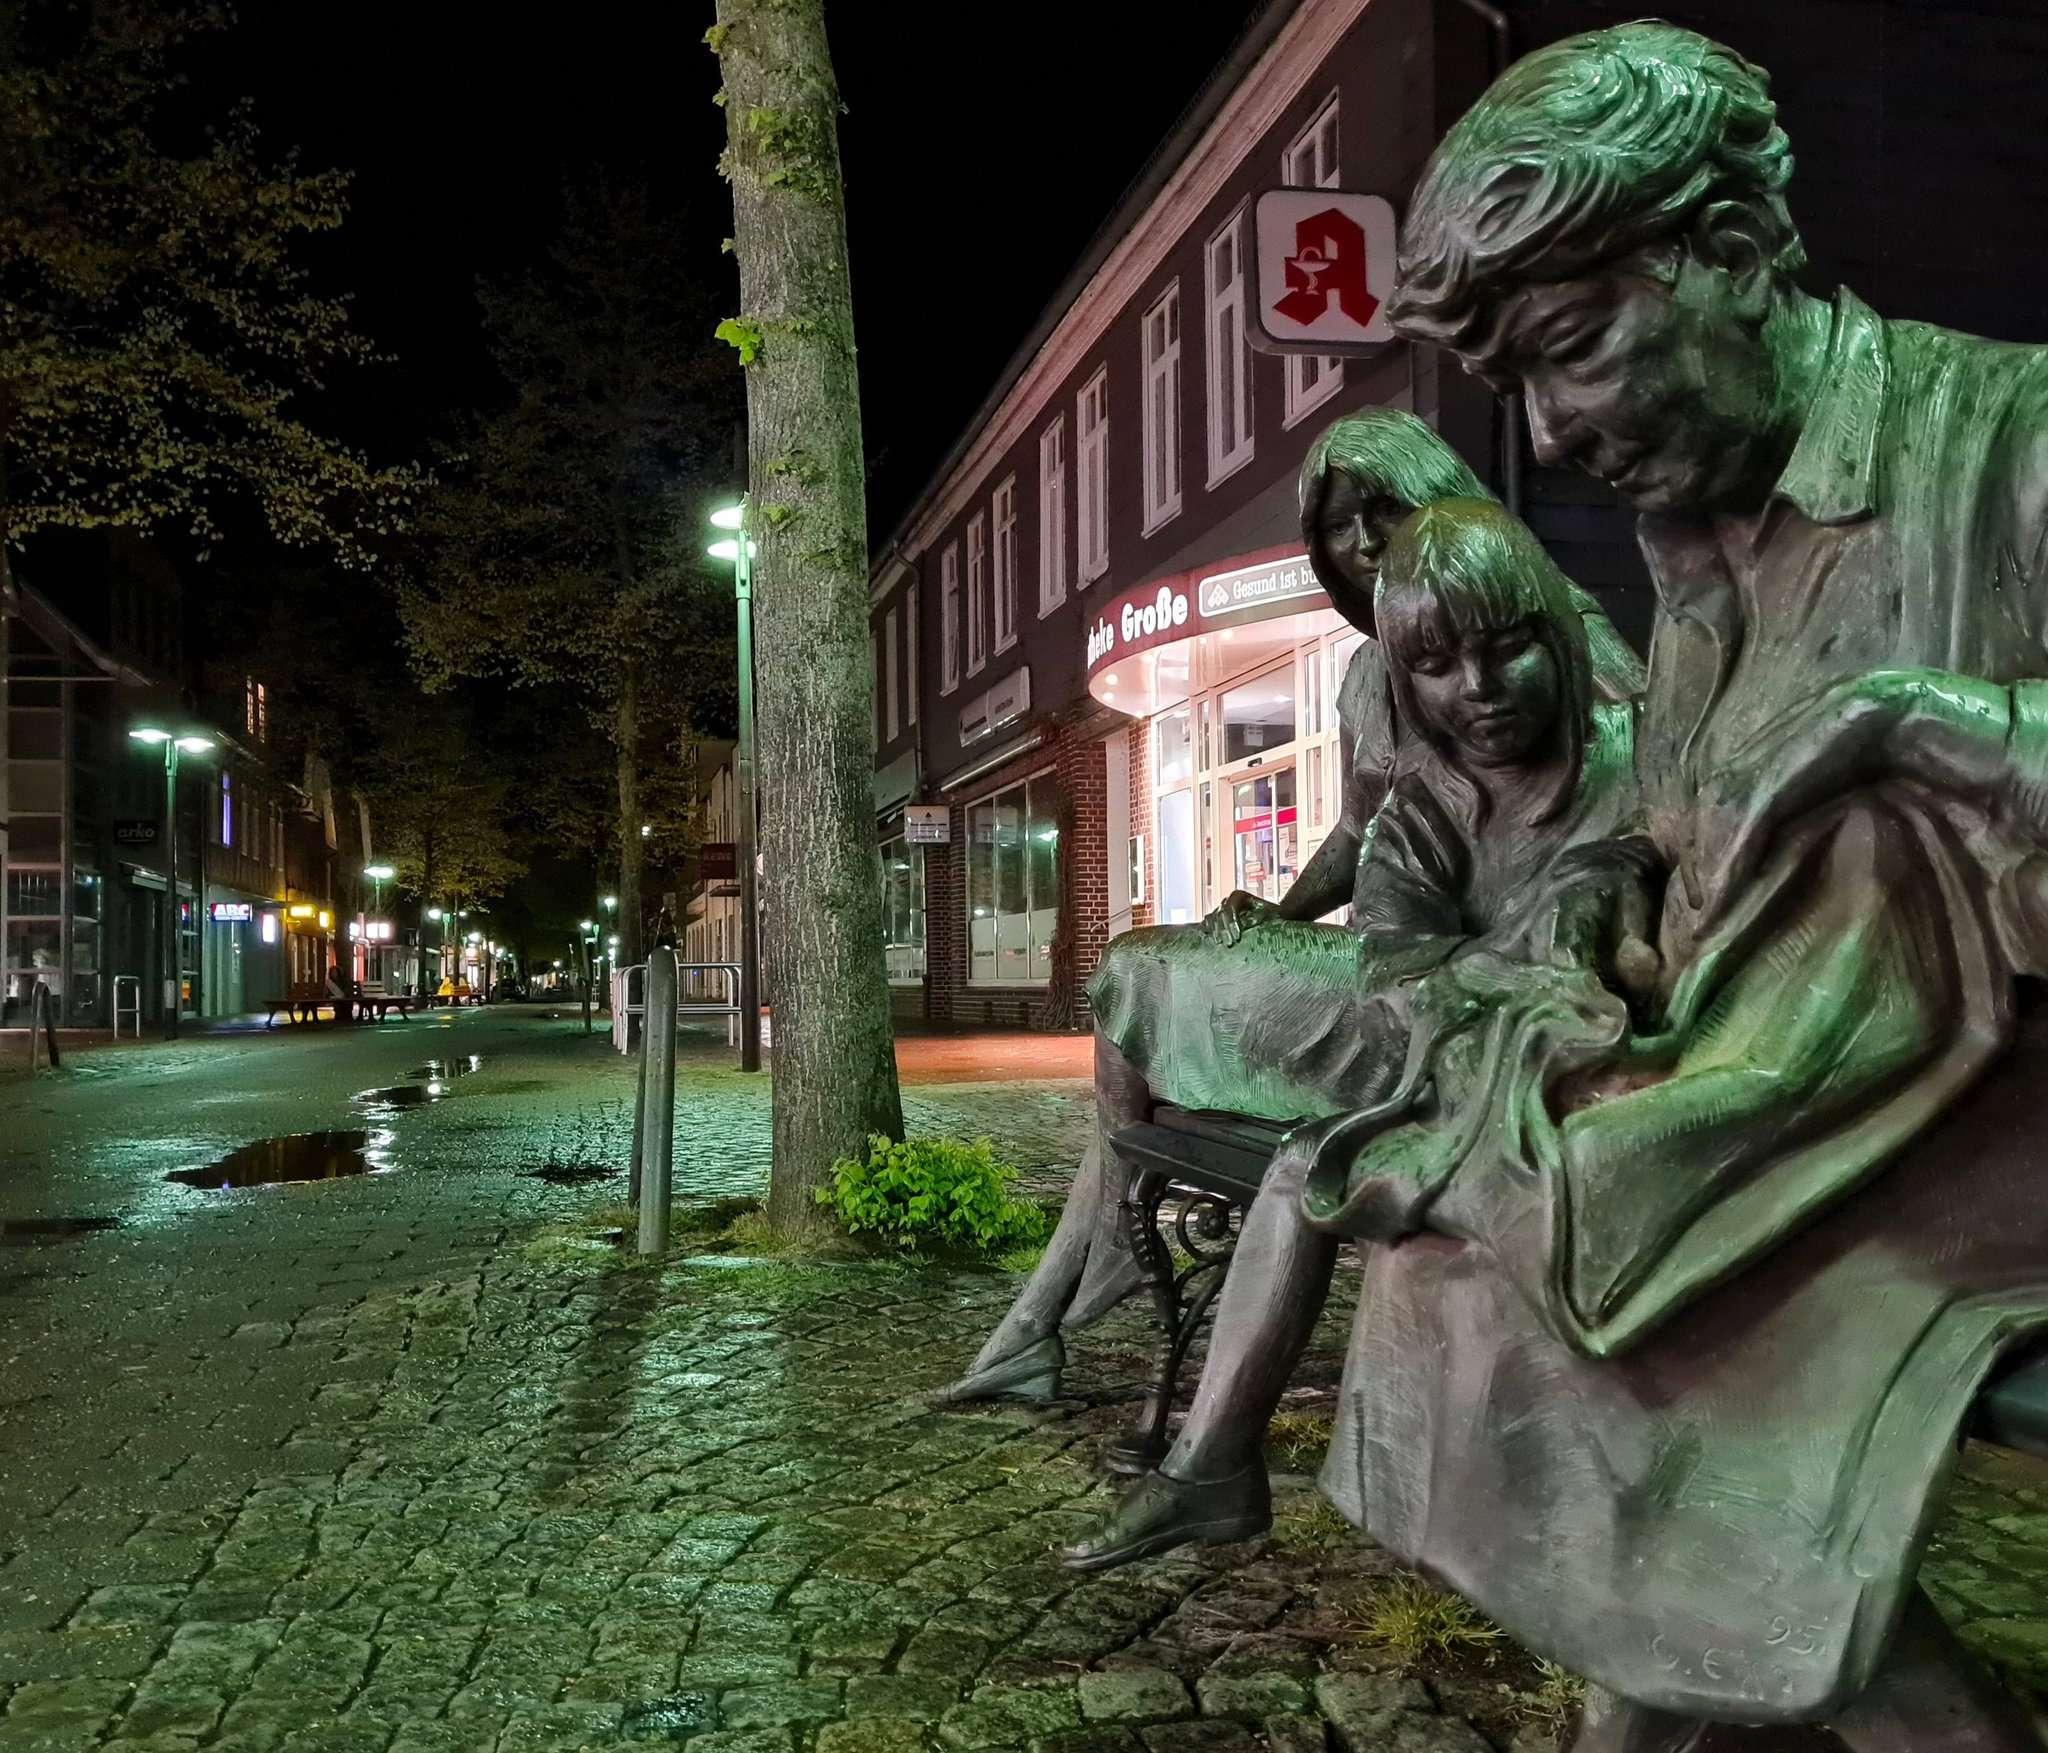 Nachts sind in der Fußgängerzone von Rotenburg wenige unterwegs u2013 und wenn, dann dürfen sie das auch. In diesem Fall sogar zusammen.